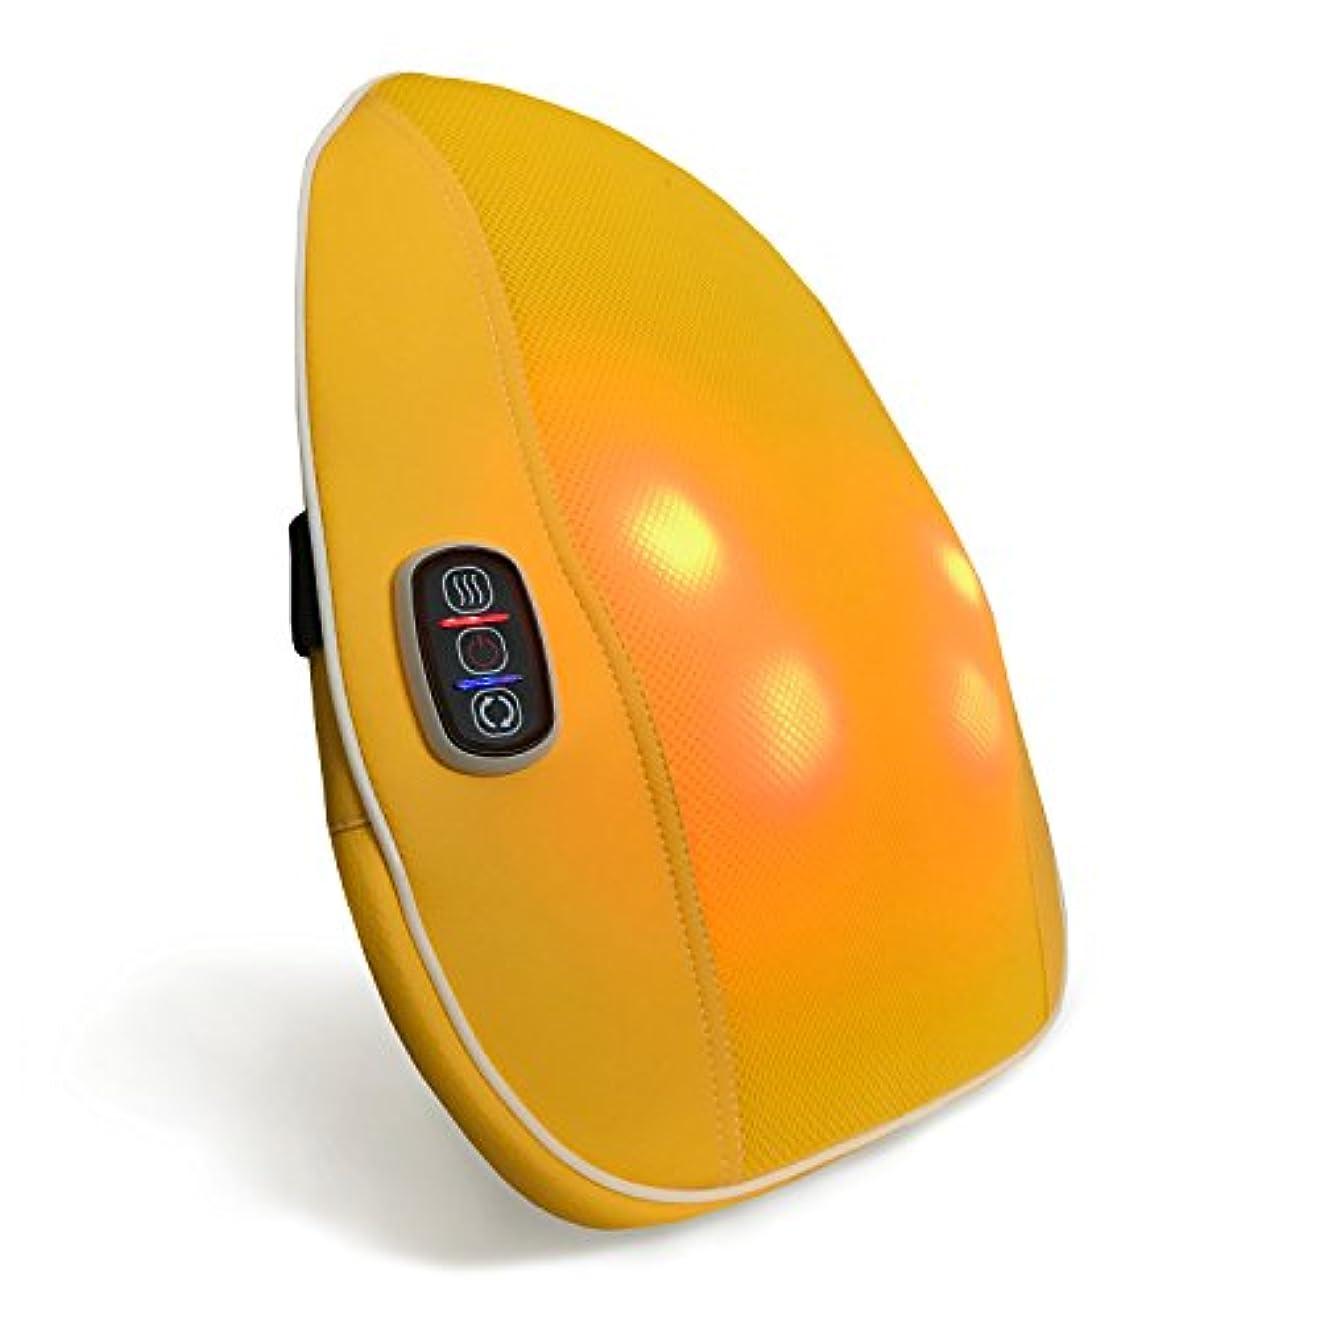 空大腿興味クロシオ スマートマッサージャー パプリカ イエロー 幅40cm 厚み9cm もみ玉式マッサージ器 薄型 簡単操作 マッサージクッション